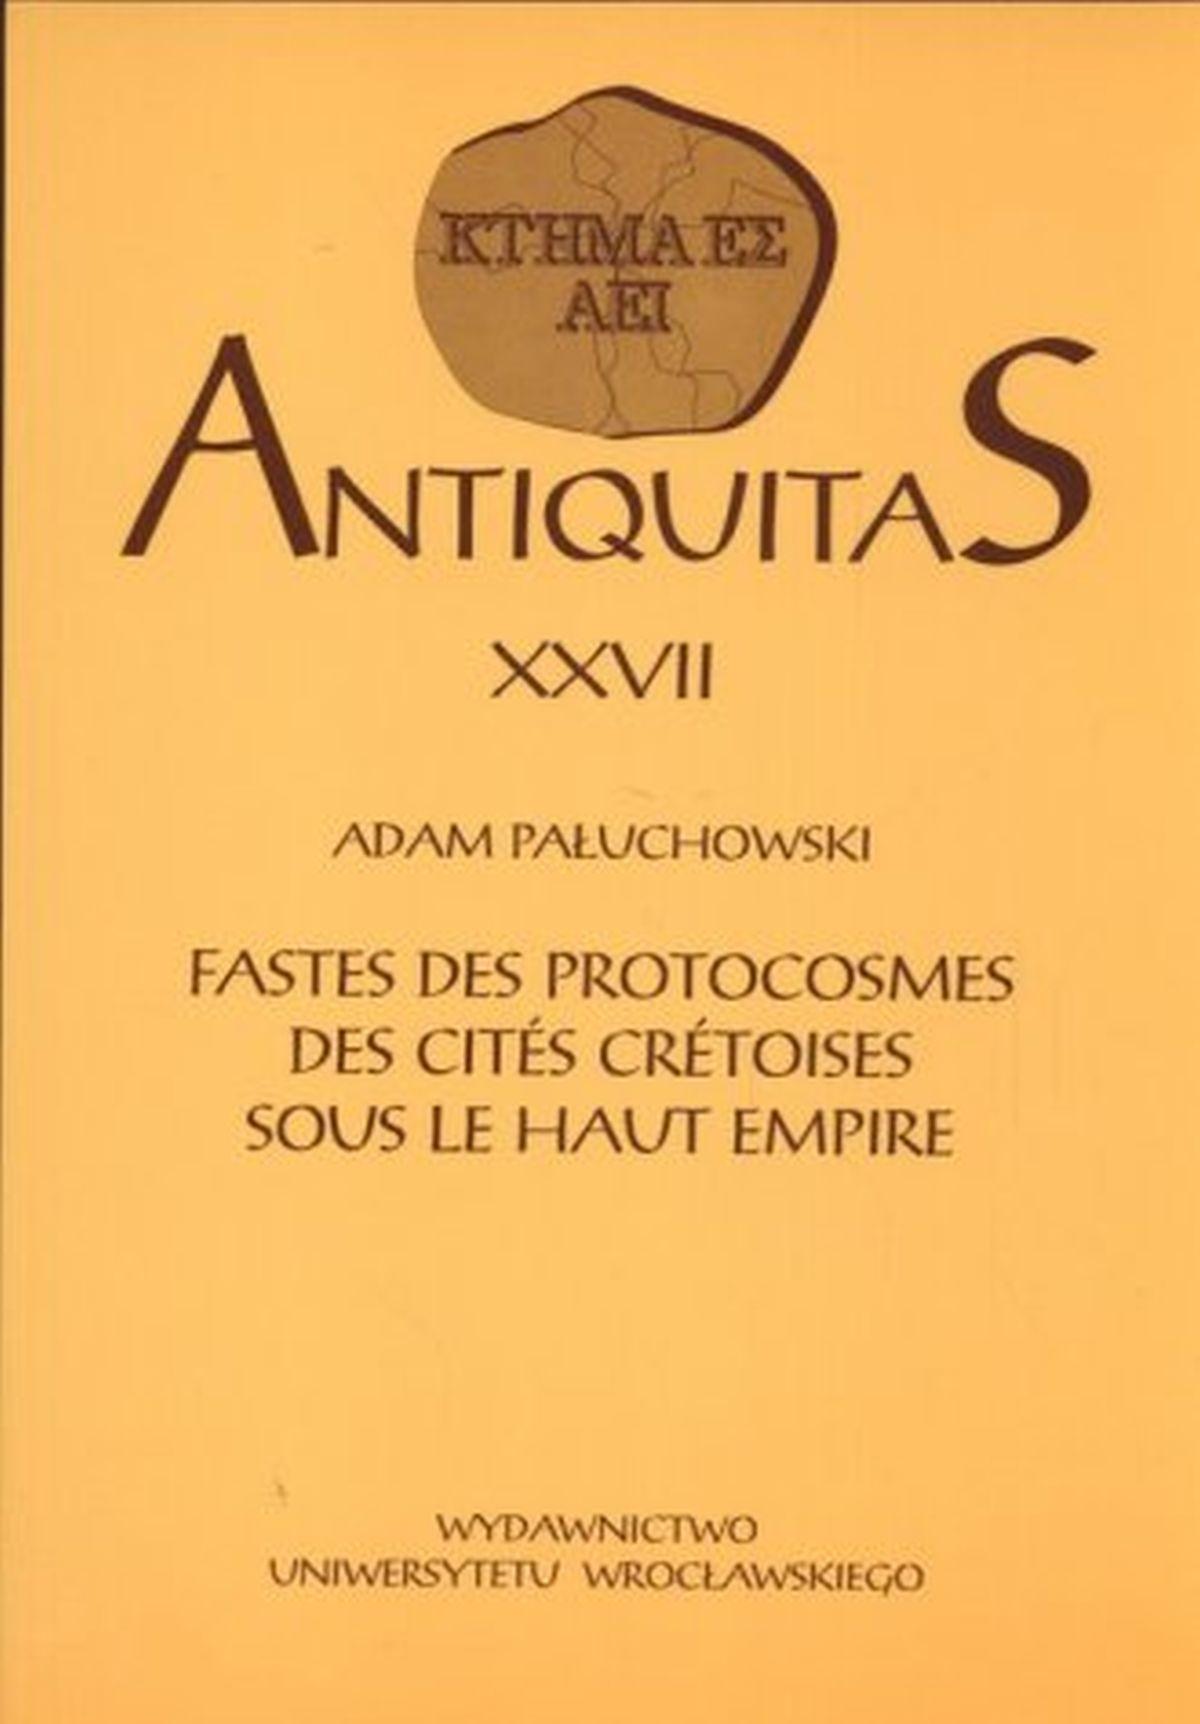 Antiquitas XXVII